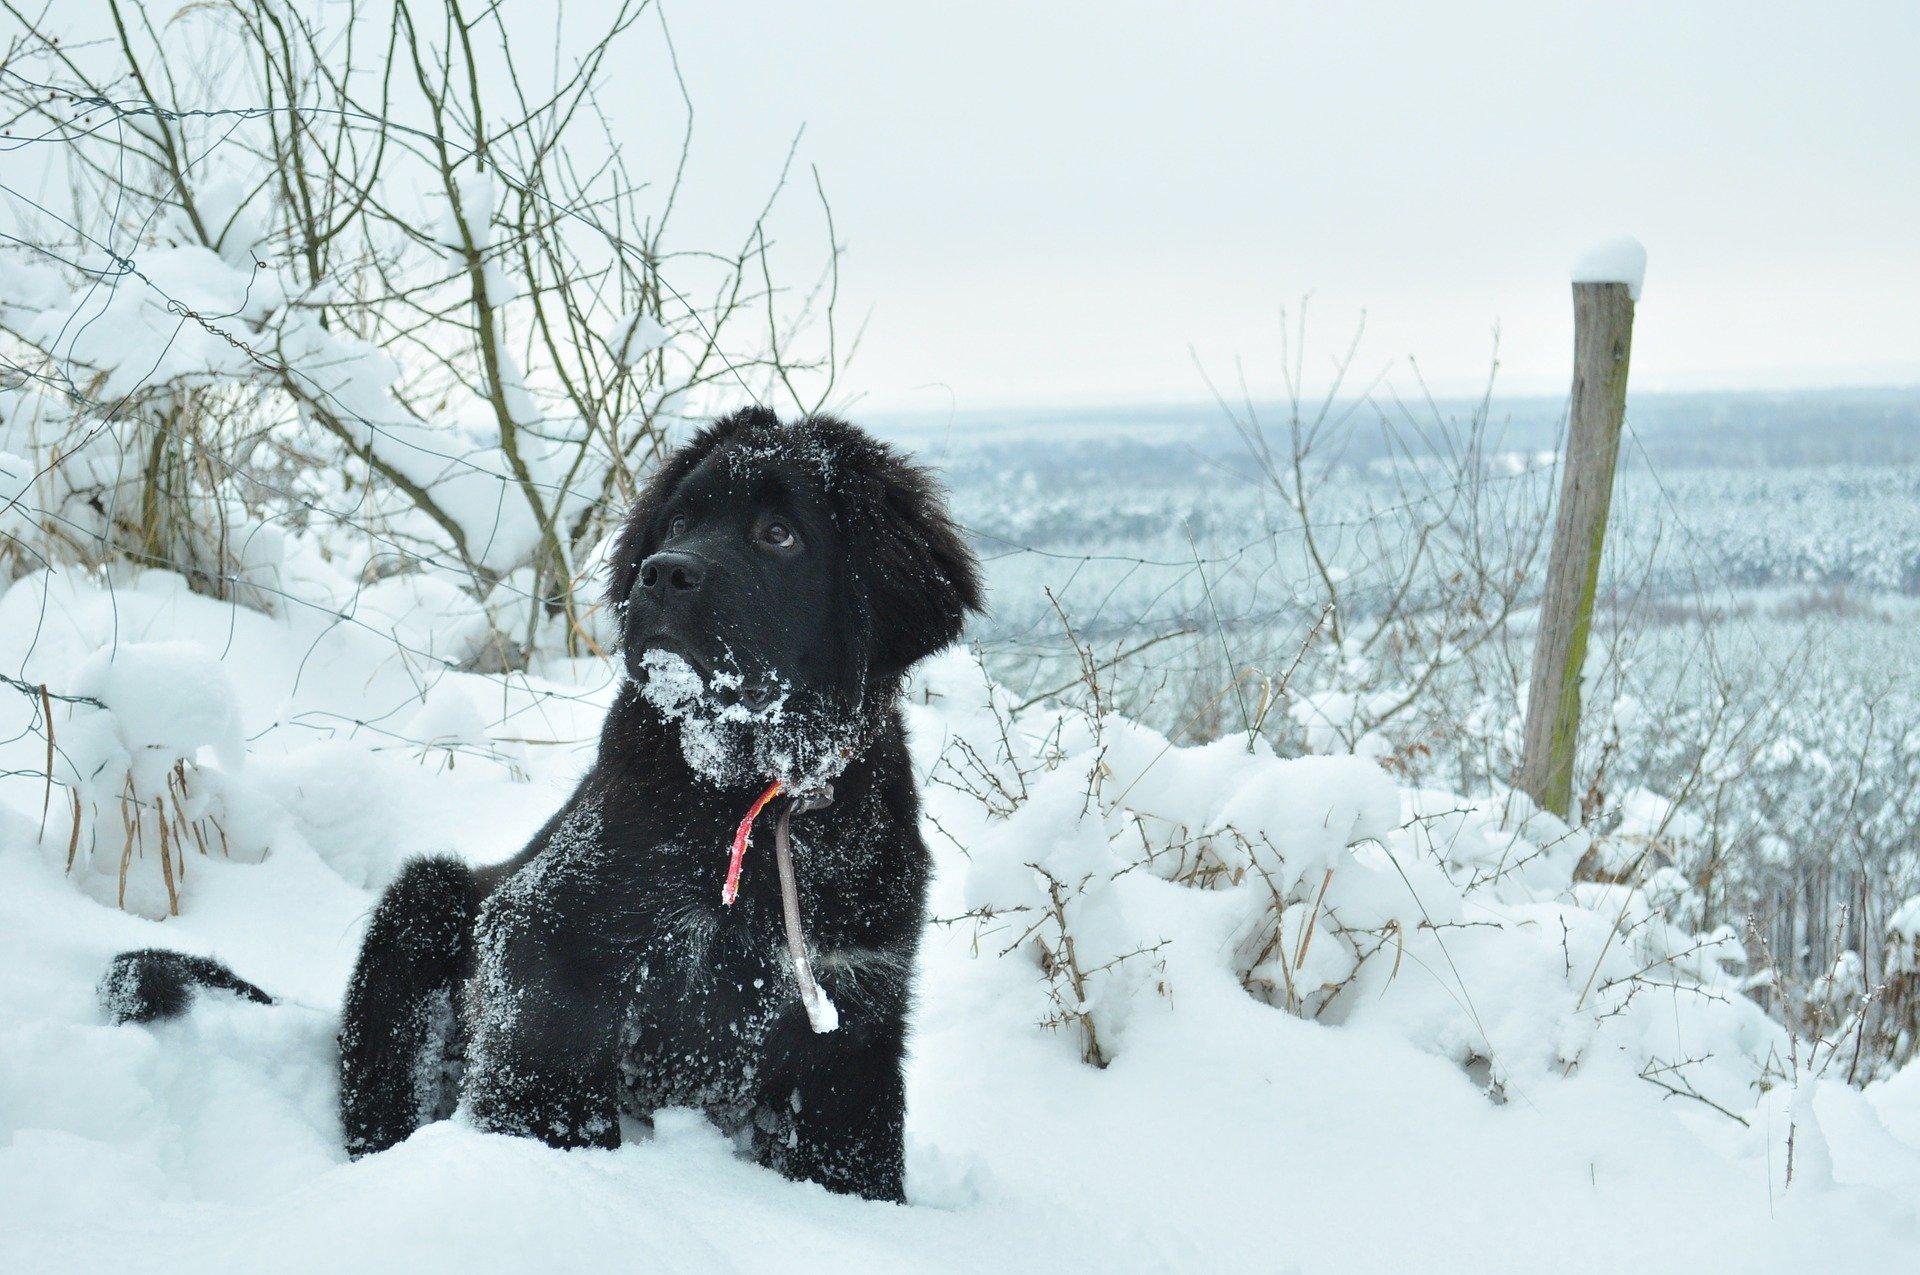 Novofunlandský pes je veľký pes mierneho temperamentu a vyrovnanej povahy. Má hustú a hustú srsť.